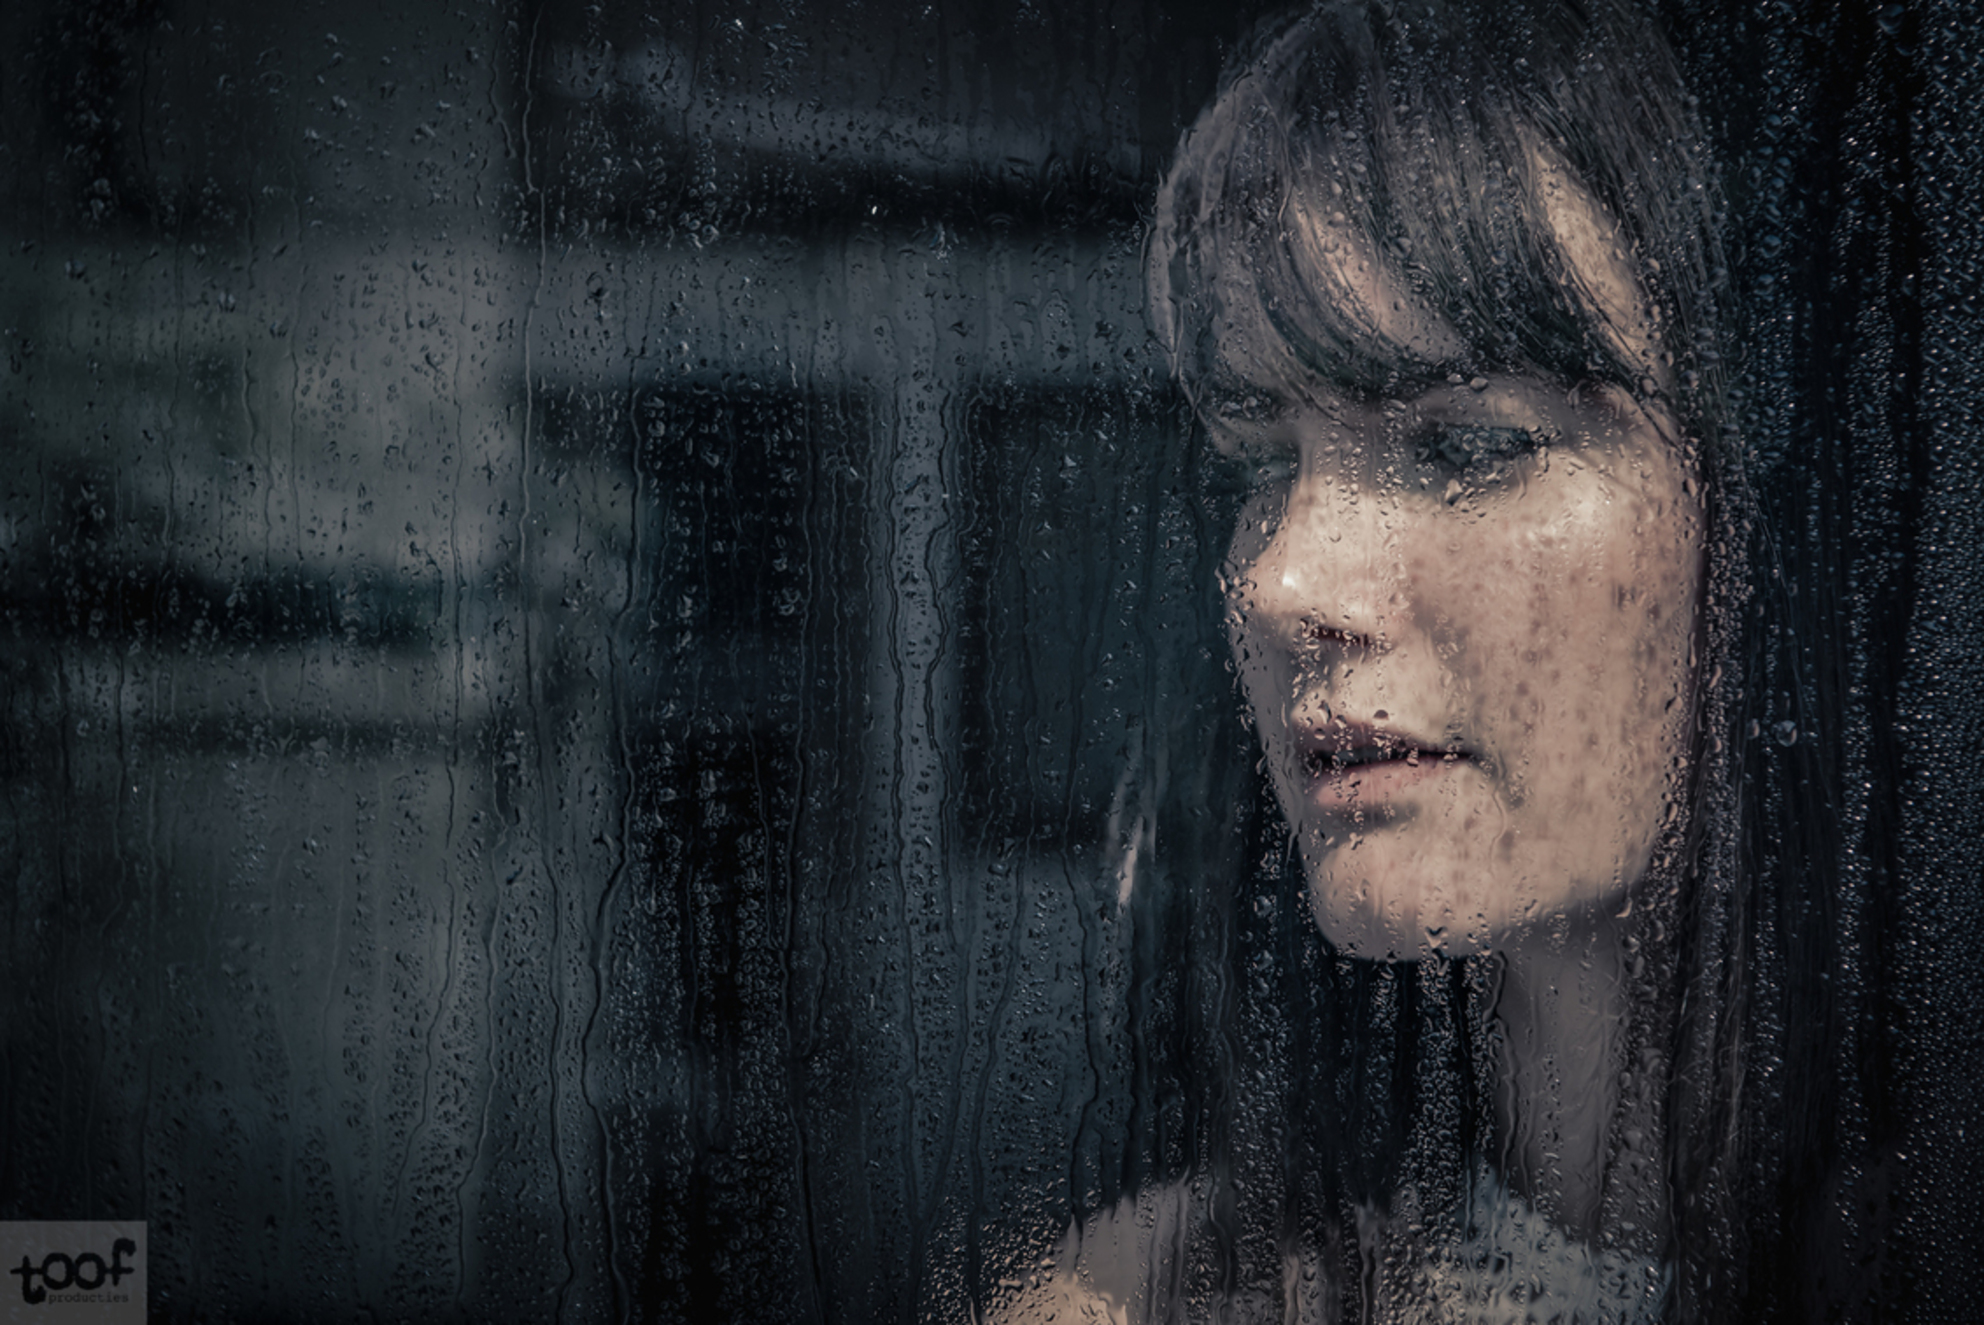 Another window IV - Deel 4 uit een te creëren serie.. - foto door toof op 01-10-2017 - deze foto bevat: vrouw, water, regen, portret, schaduw, druppels, daglicht, raam, ogen, emotie, fotoshoot, serie, d750